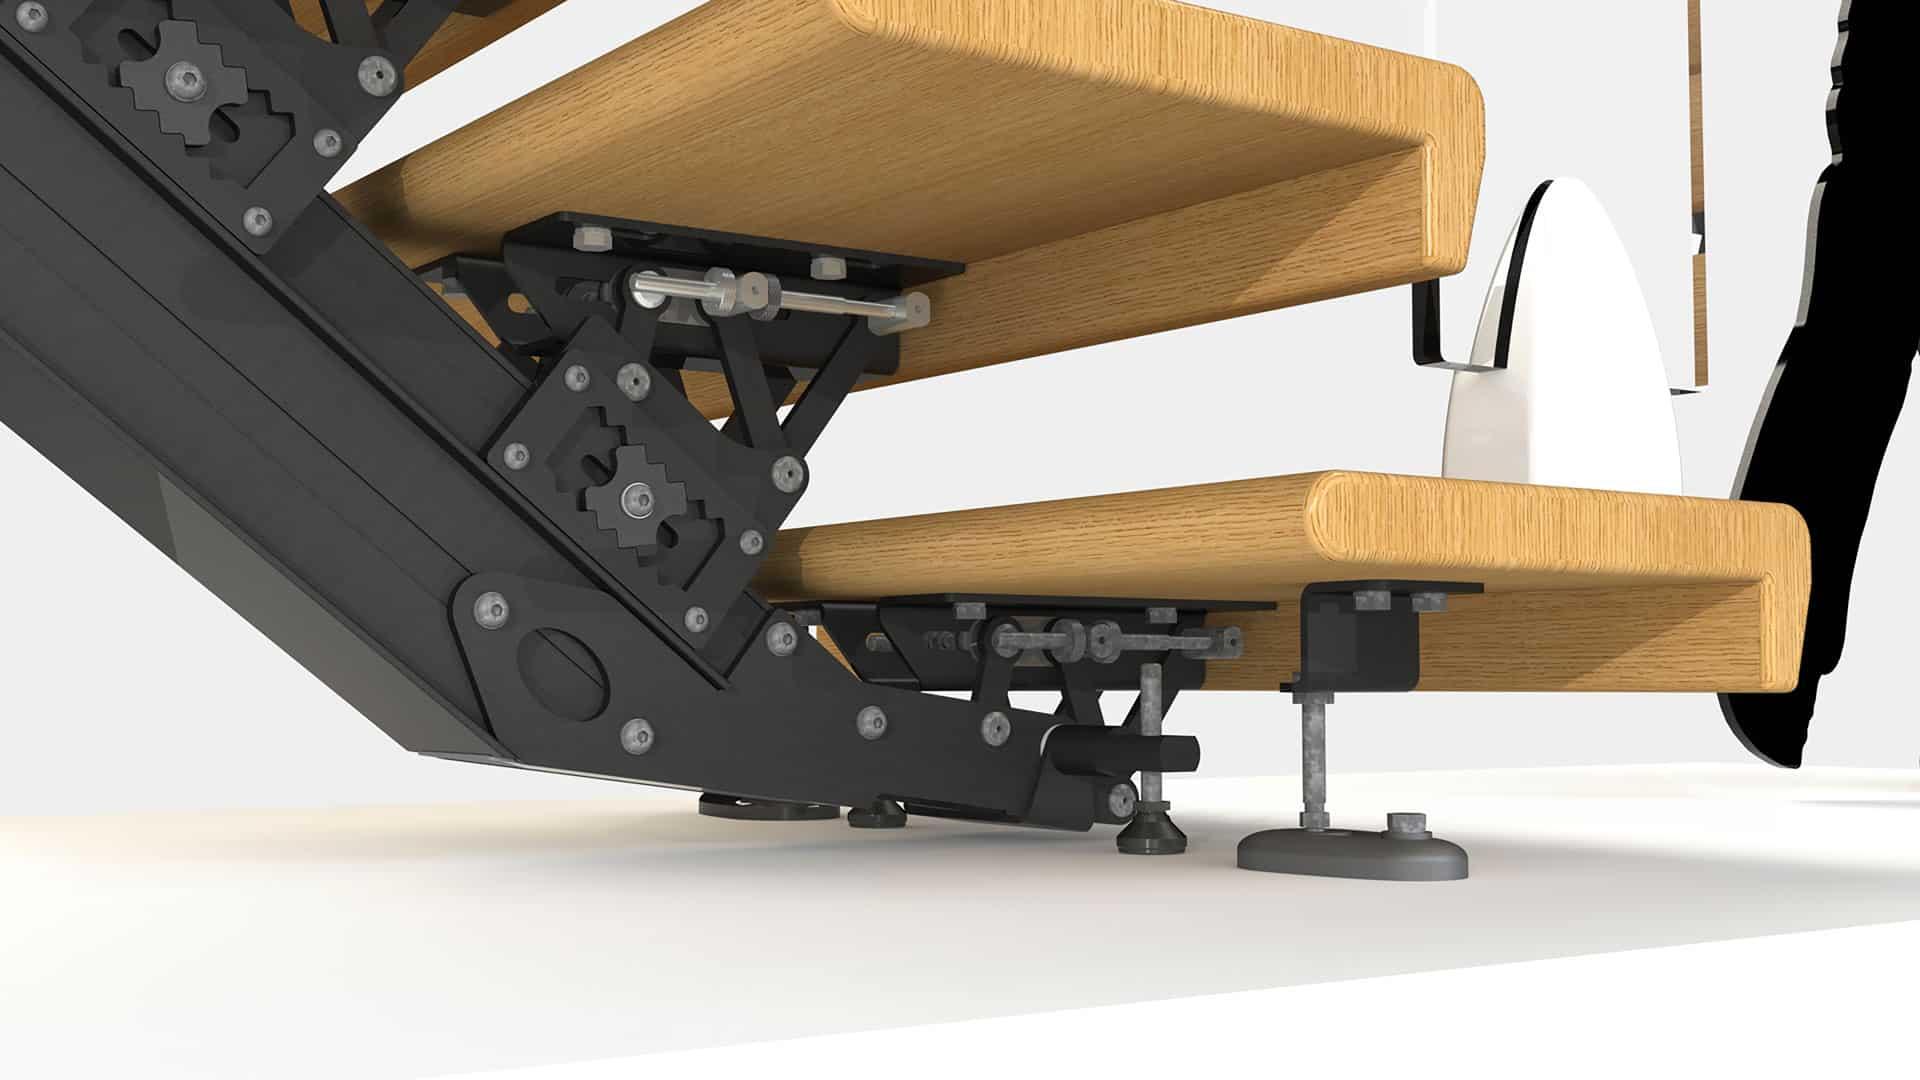 Modulaire snelbouwtrap 3D visualisatie BC design